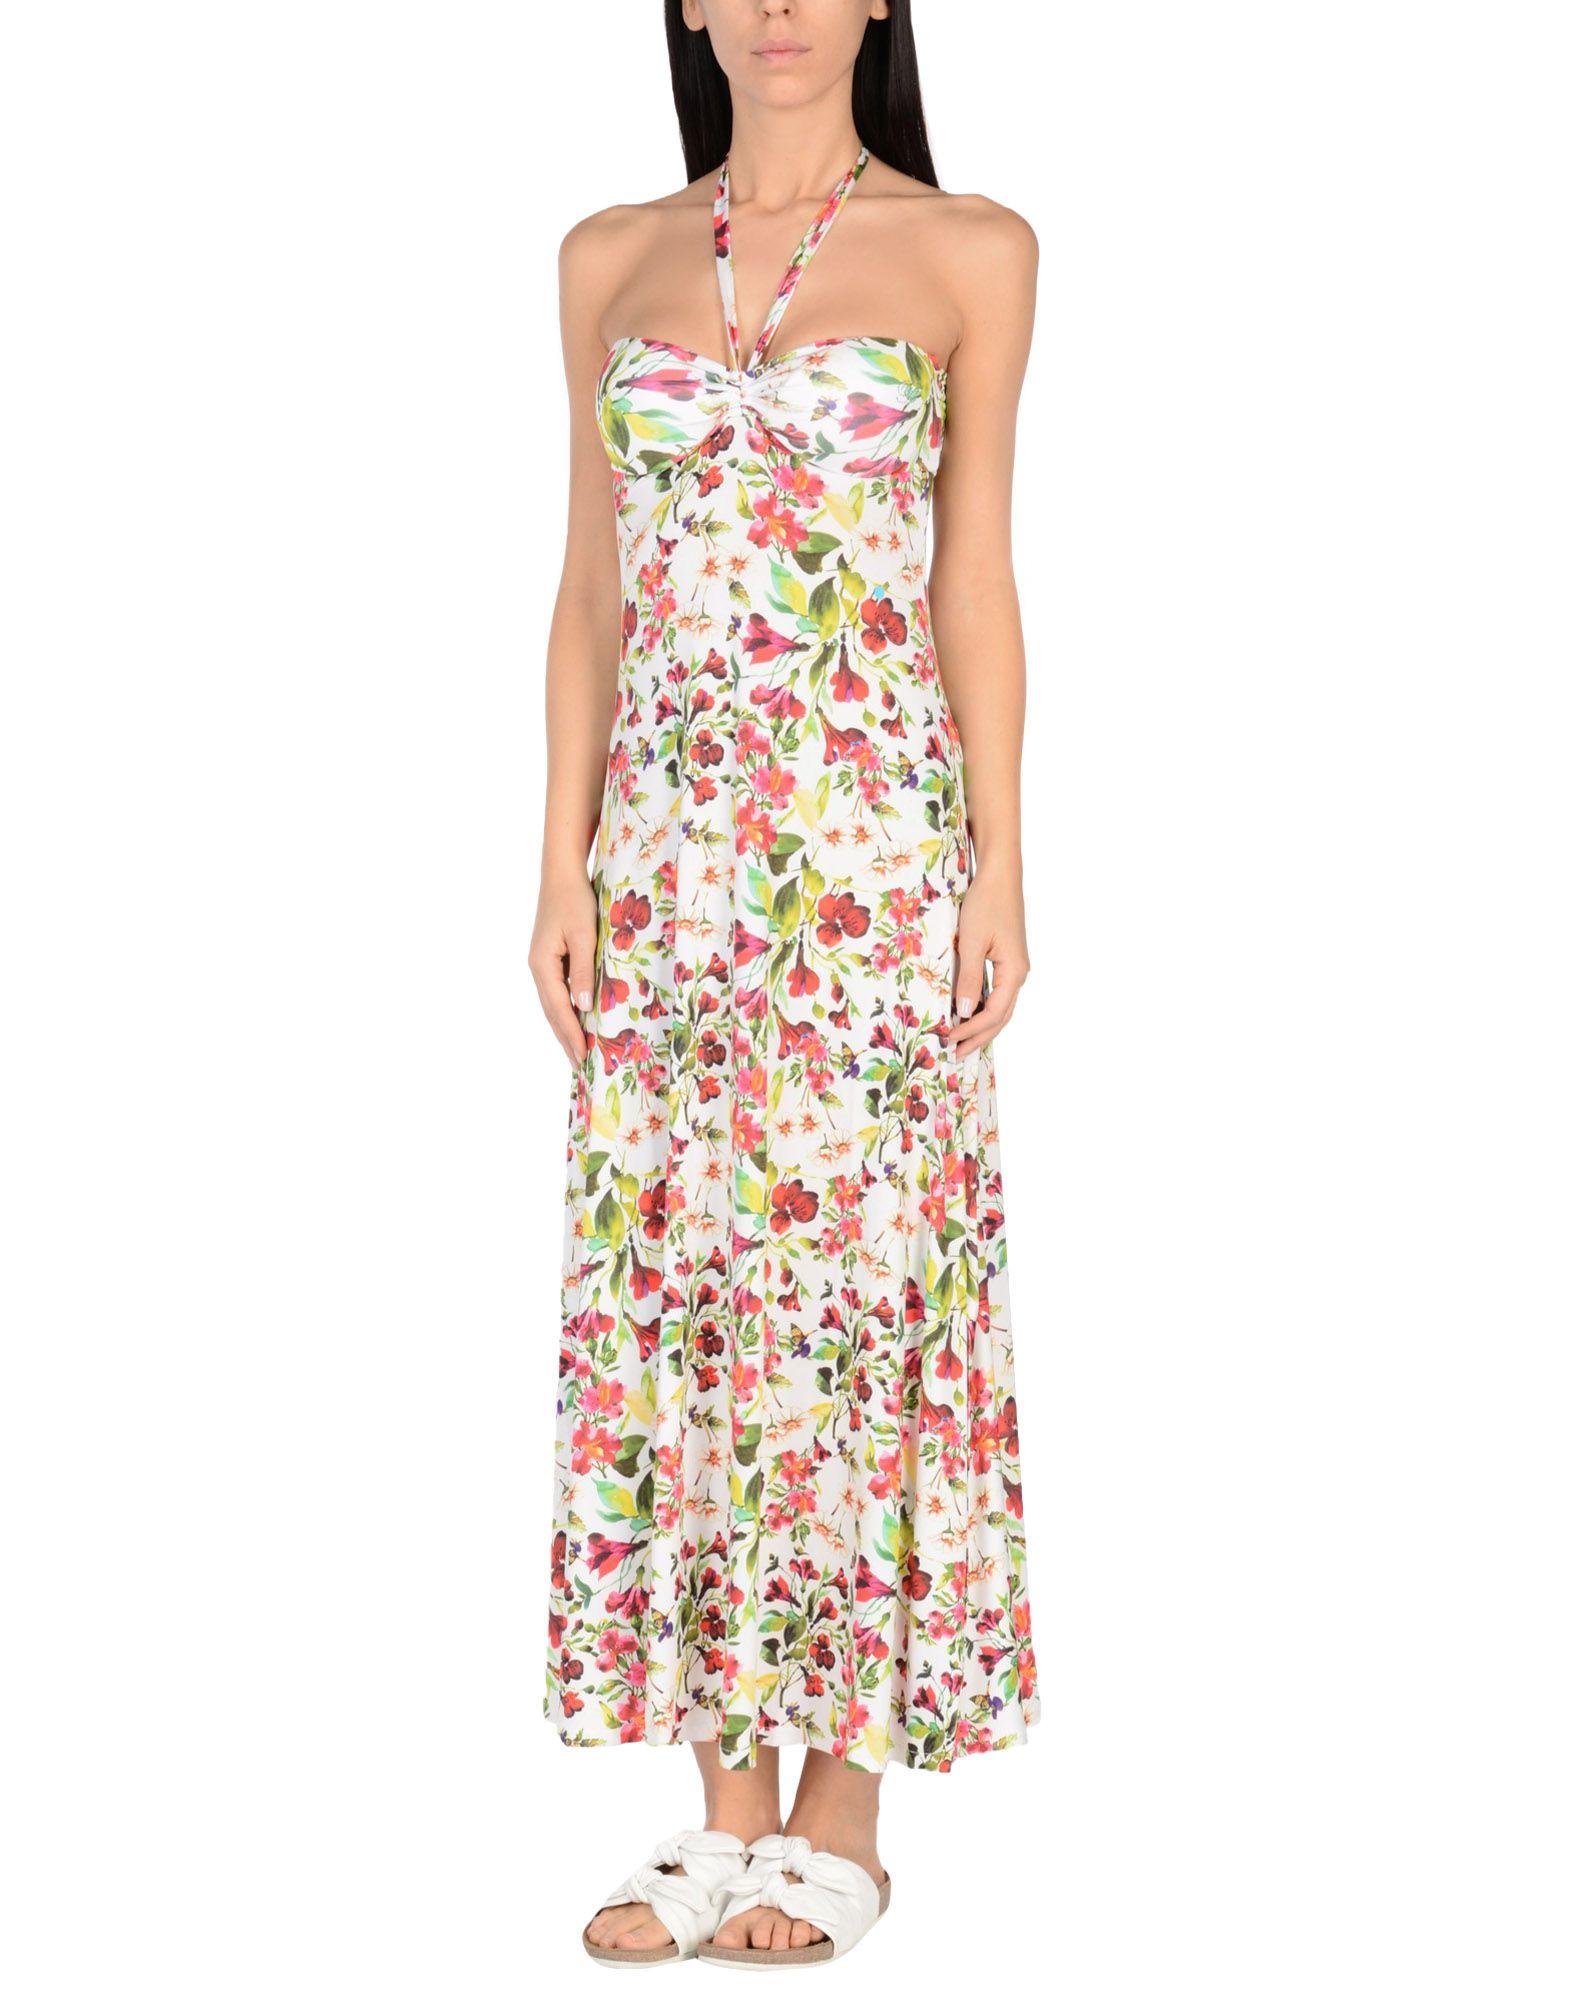 Copricostume Blumarine Beachwear Donna - Acquista online su oUOxR4TR9